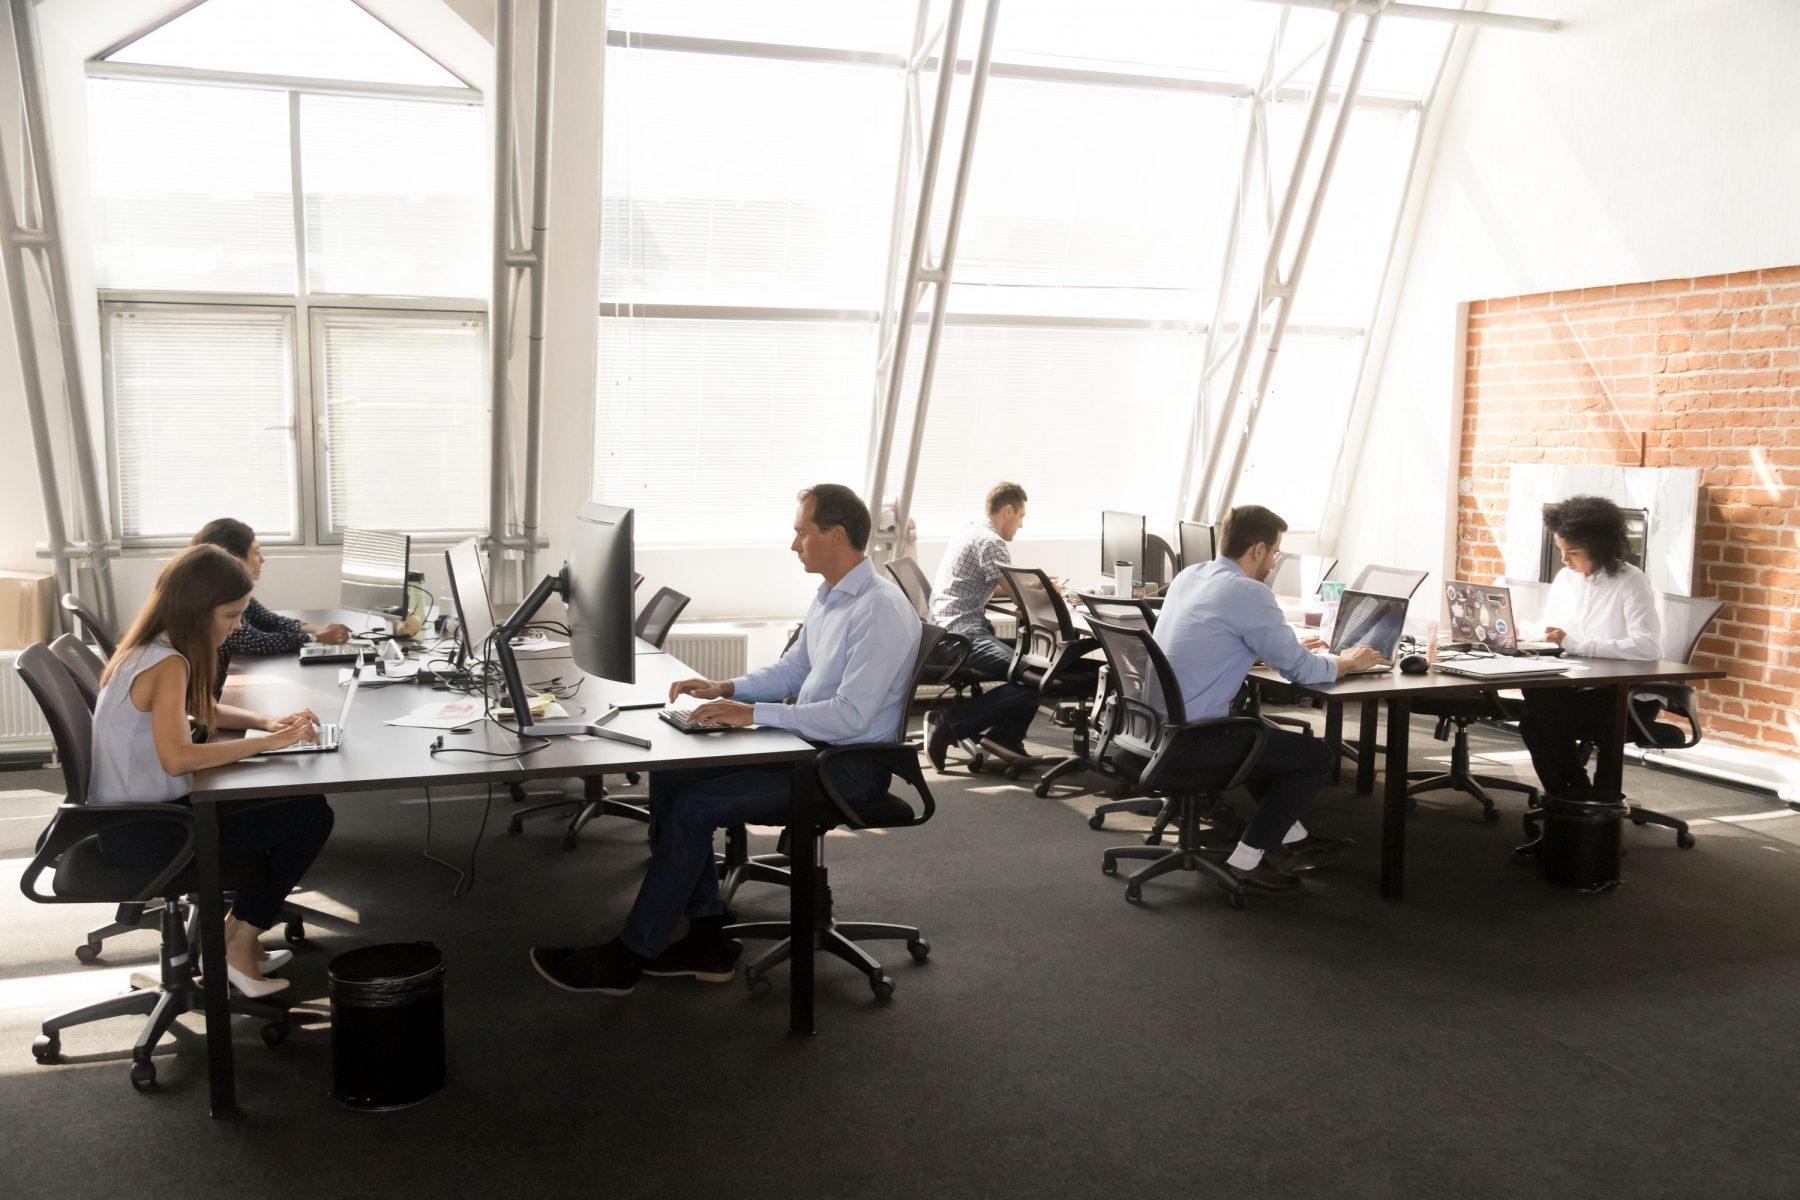 Warum Coworking die perfekte Gelegenheit für Networking ist